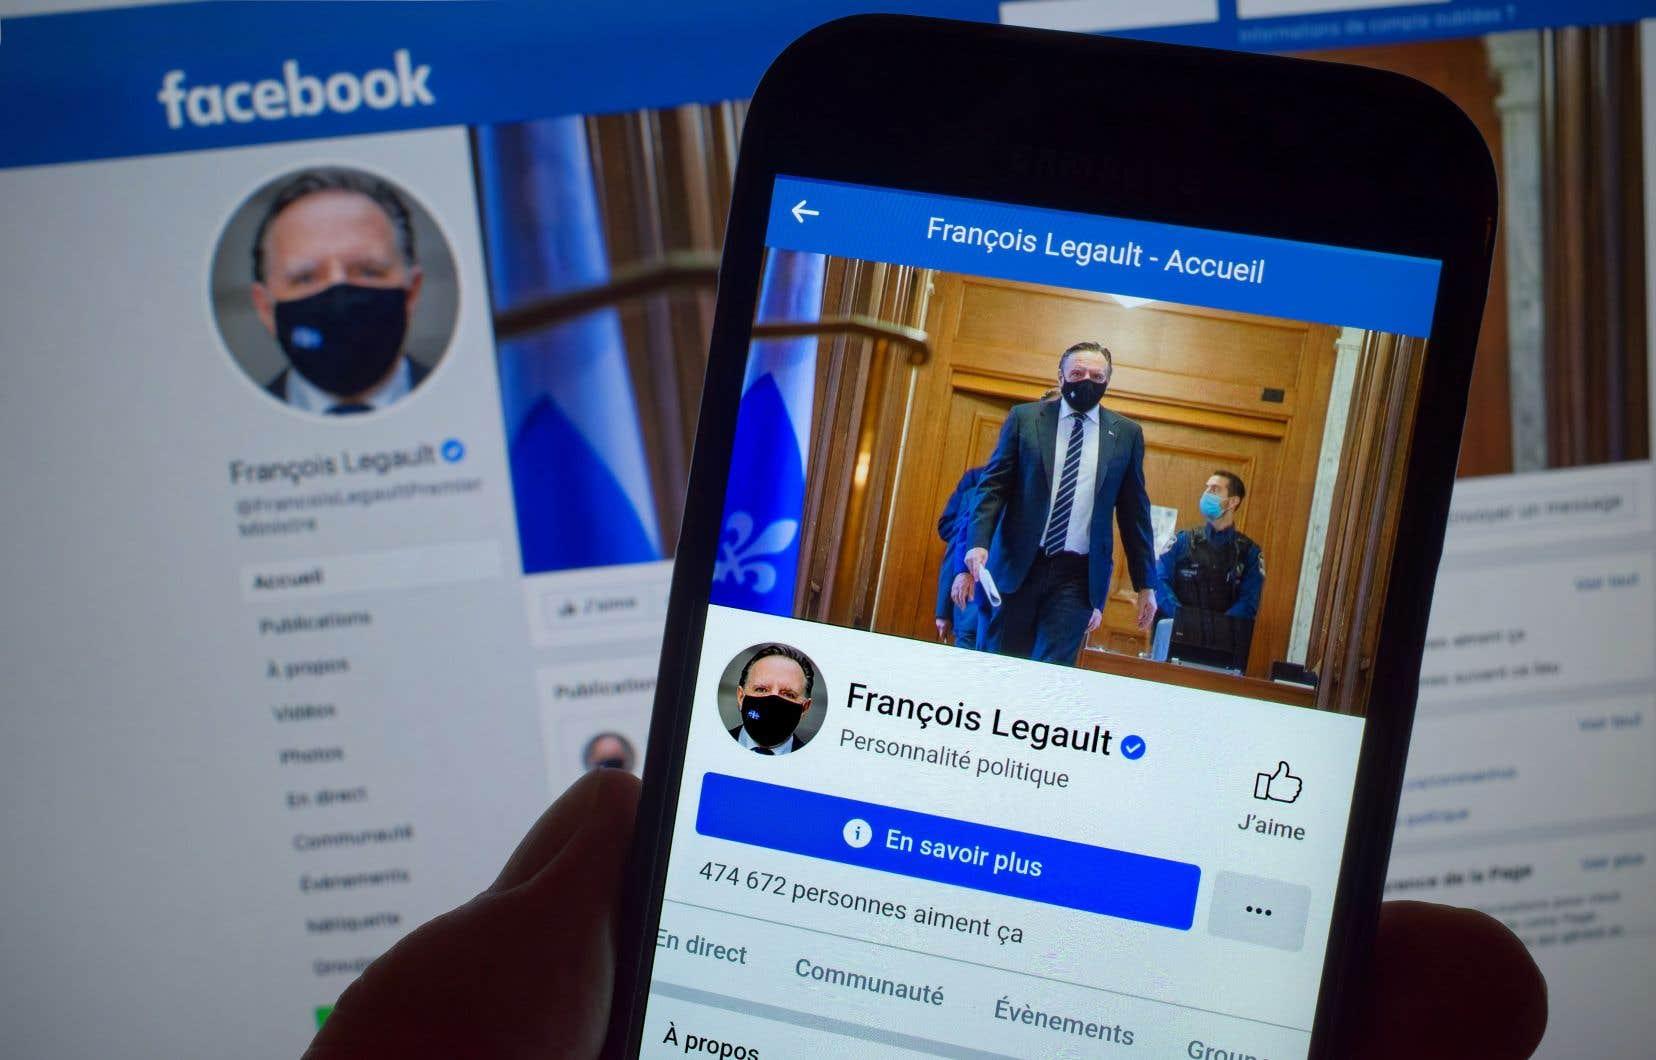 «Avant de modifier ou de préciser des règles par la page Facebook du premier ministre, le gouvernement devrait songer à mettre à la disposition des citoyens un texte réglementaire clair», pense l'auteur.